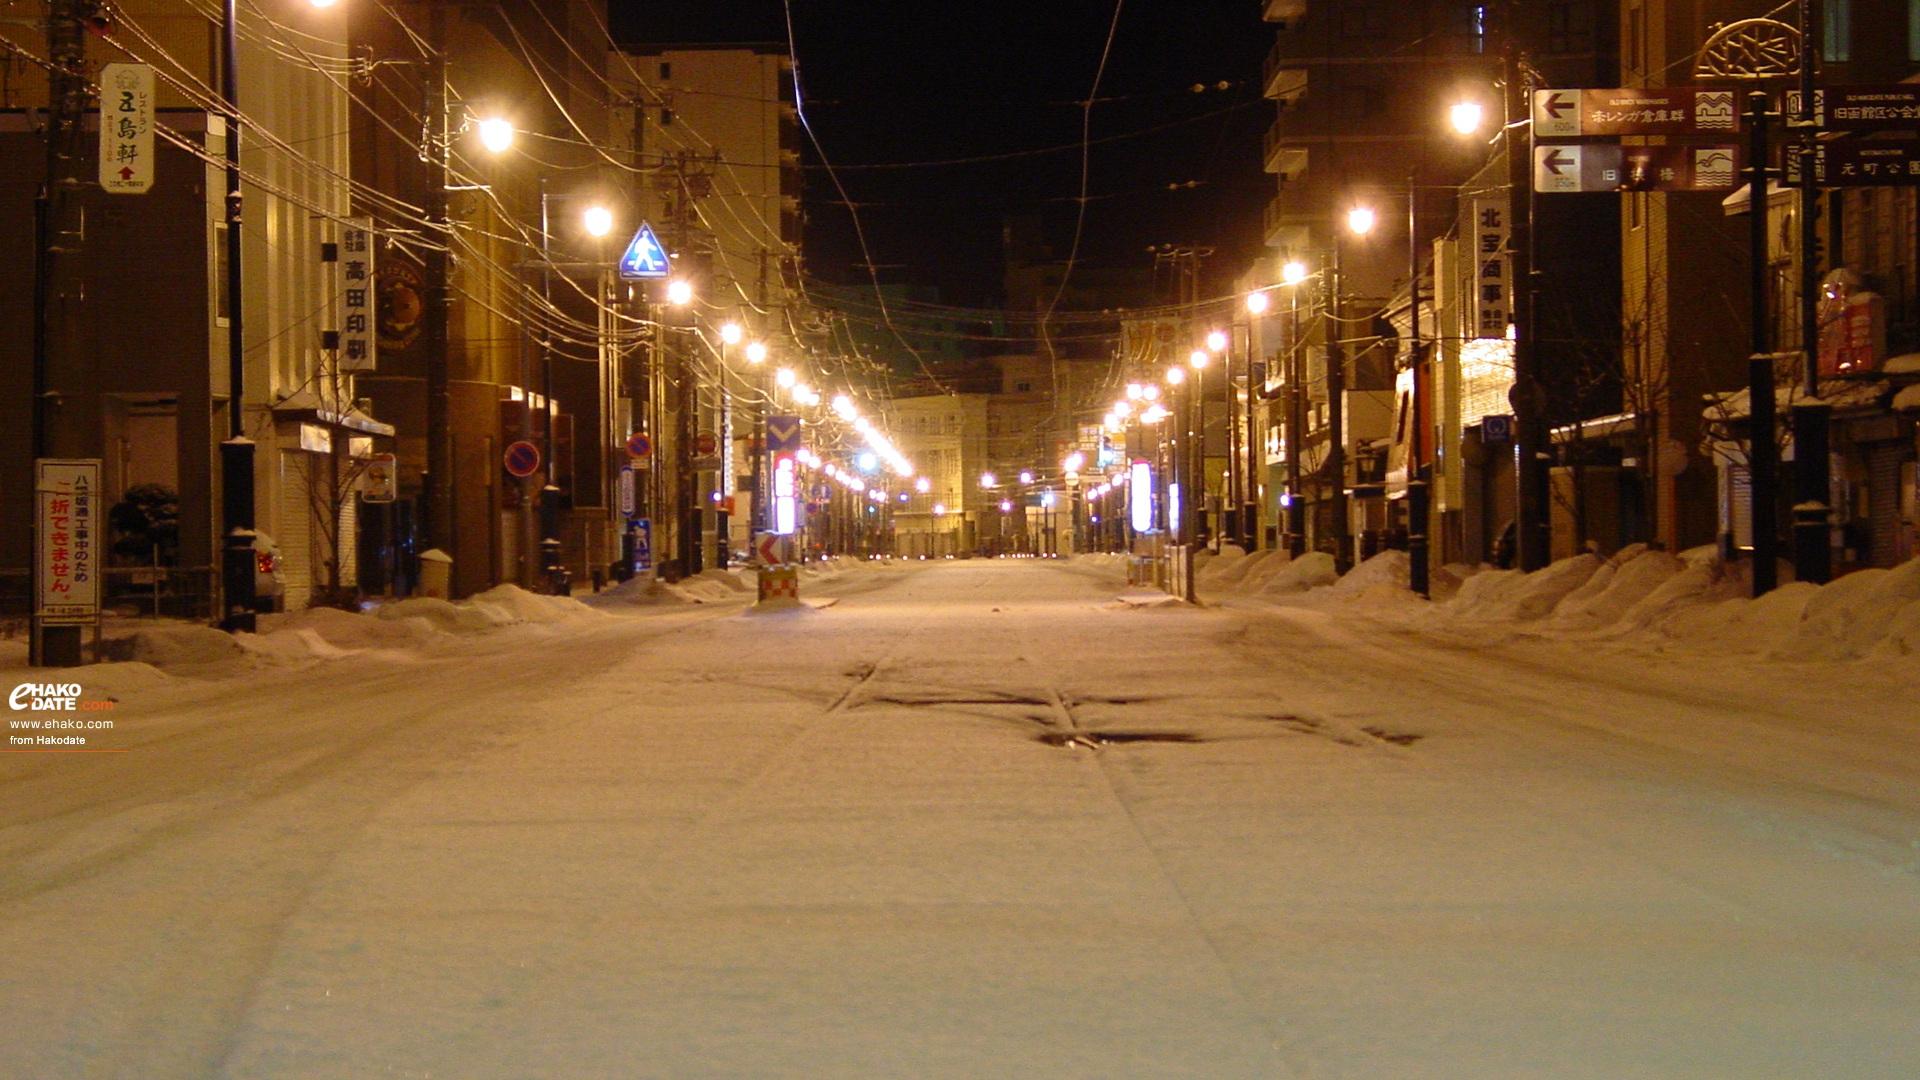 真夜中の雪道と十字街 函館フォト散歩壁紙 函館市 道南地域